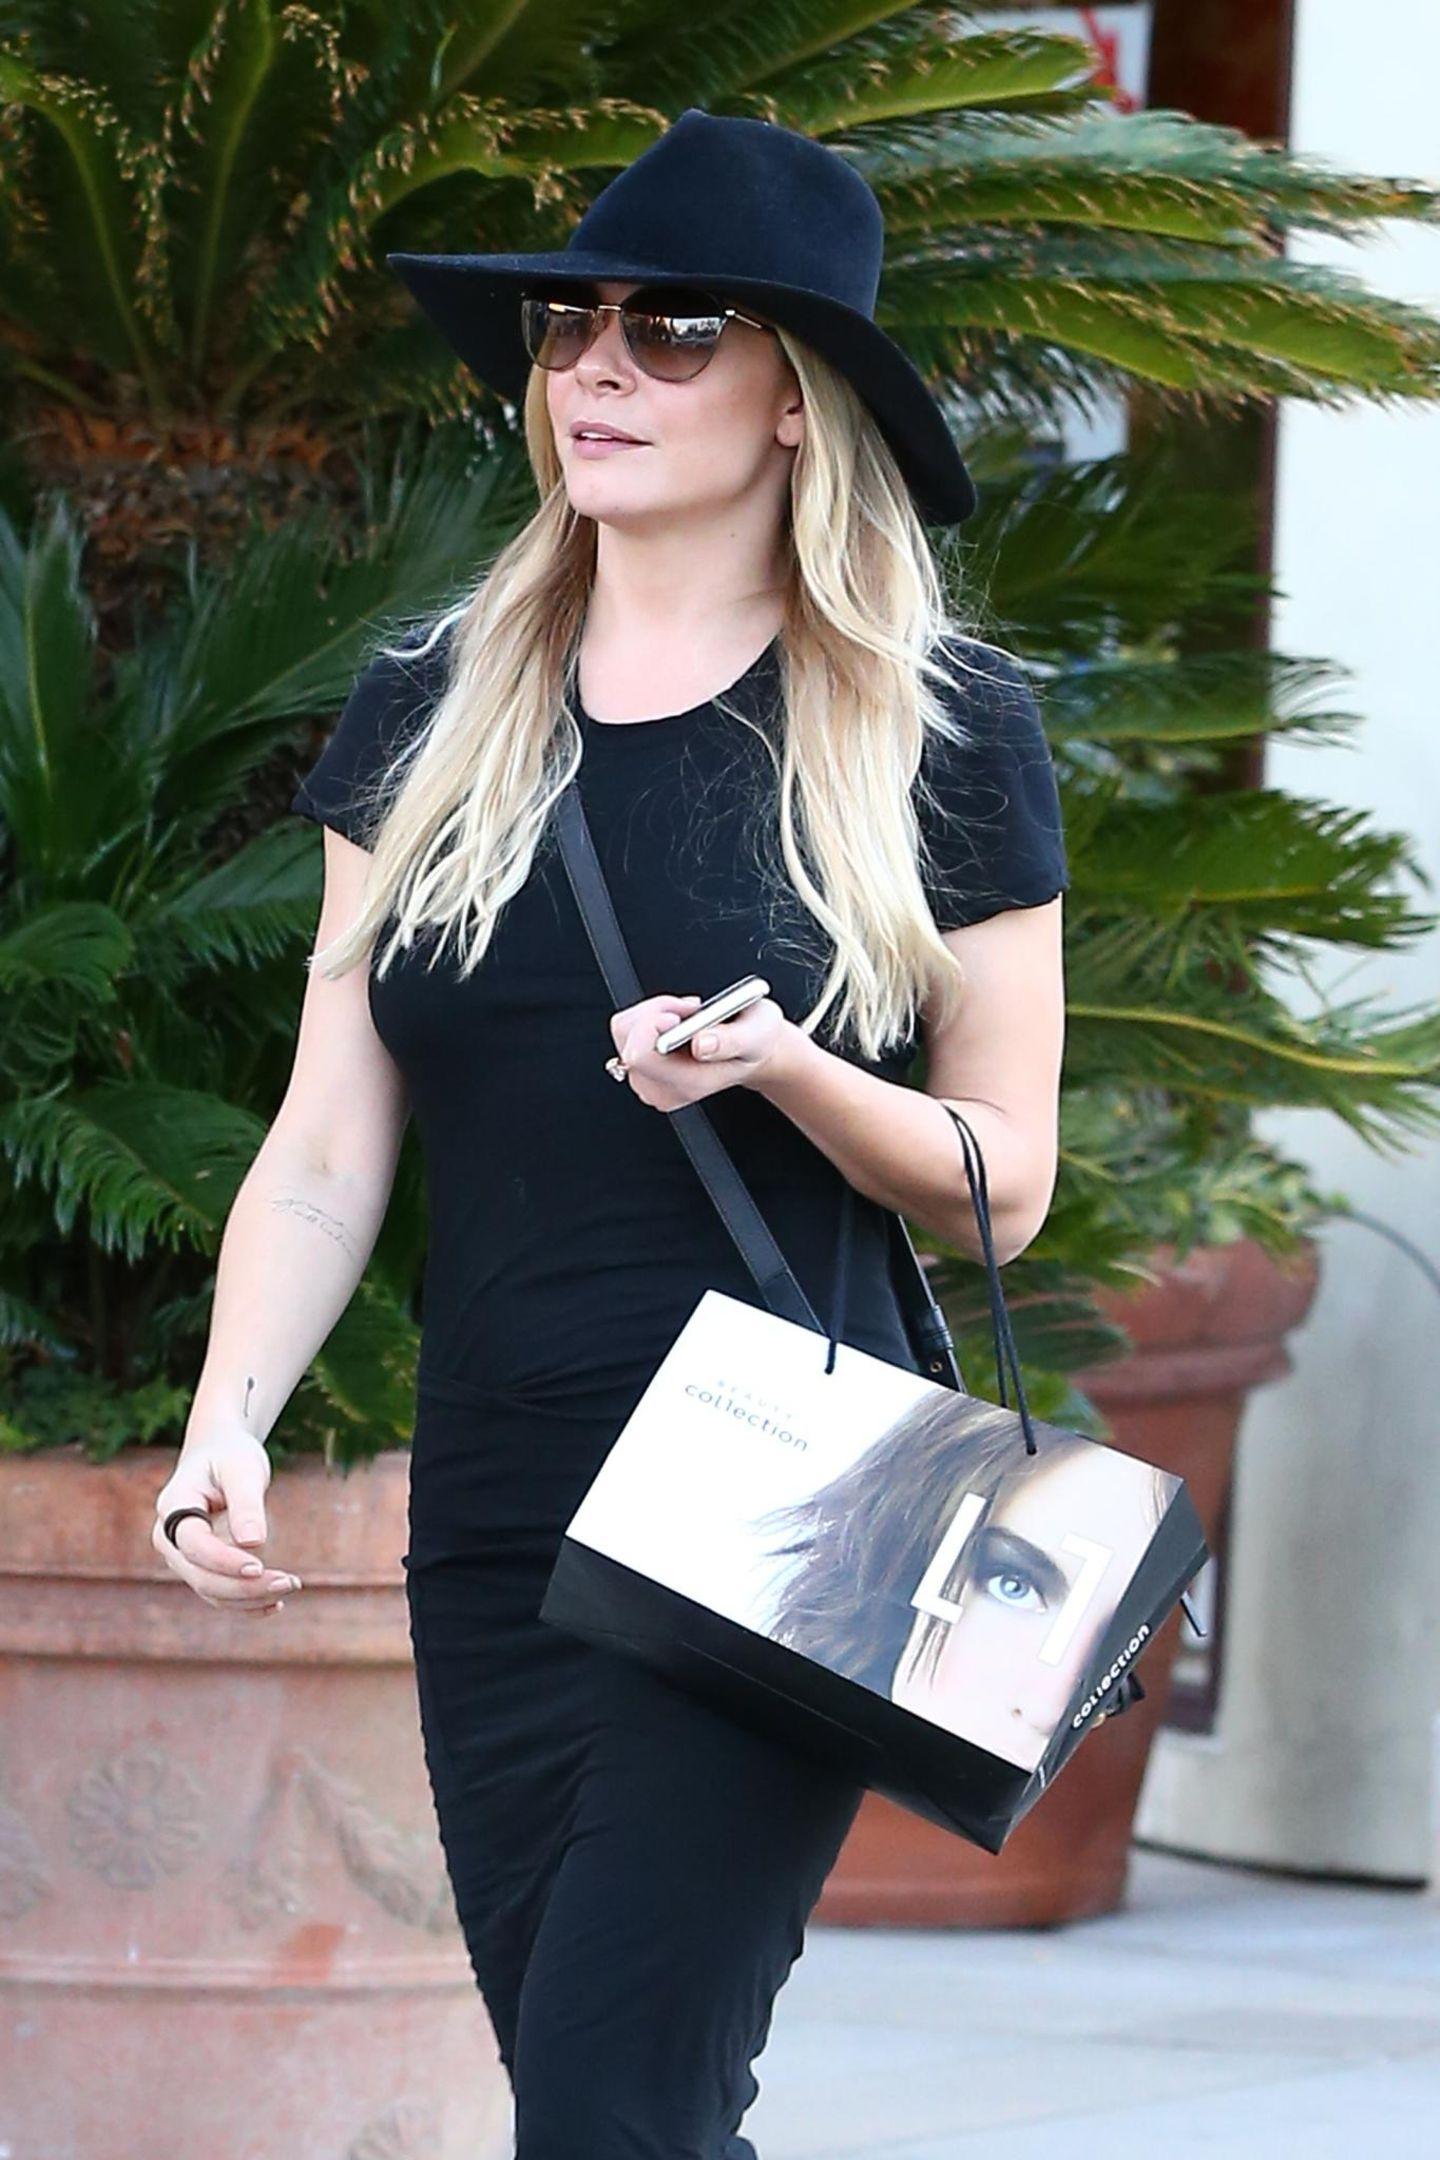 Countrysängerin LeAnn Rimes ist in Calabasas alleine zum shoppen unterwegs.